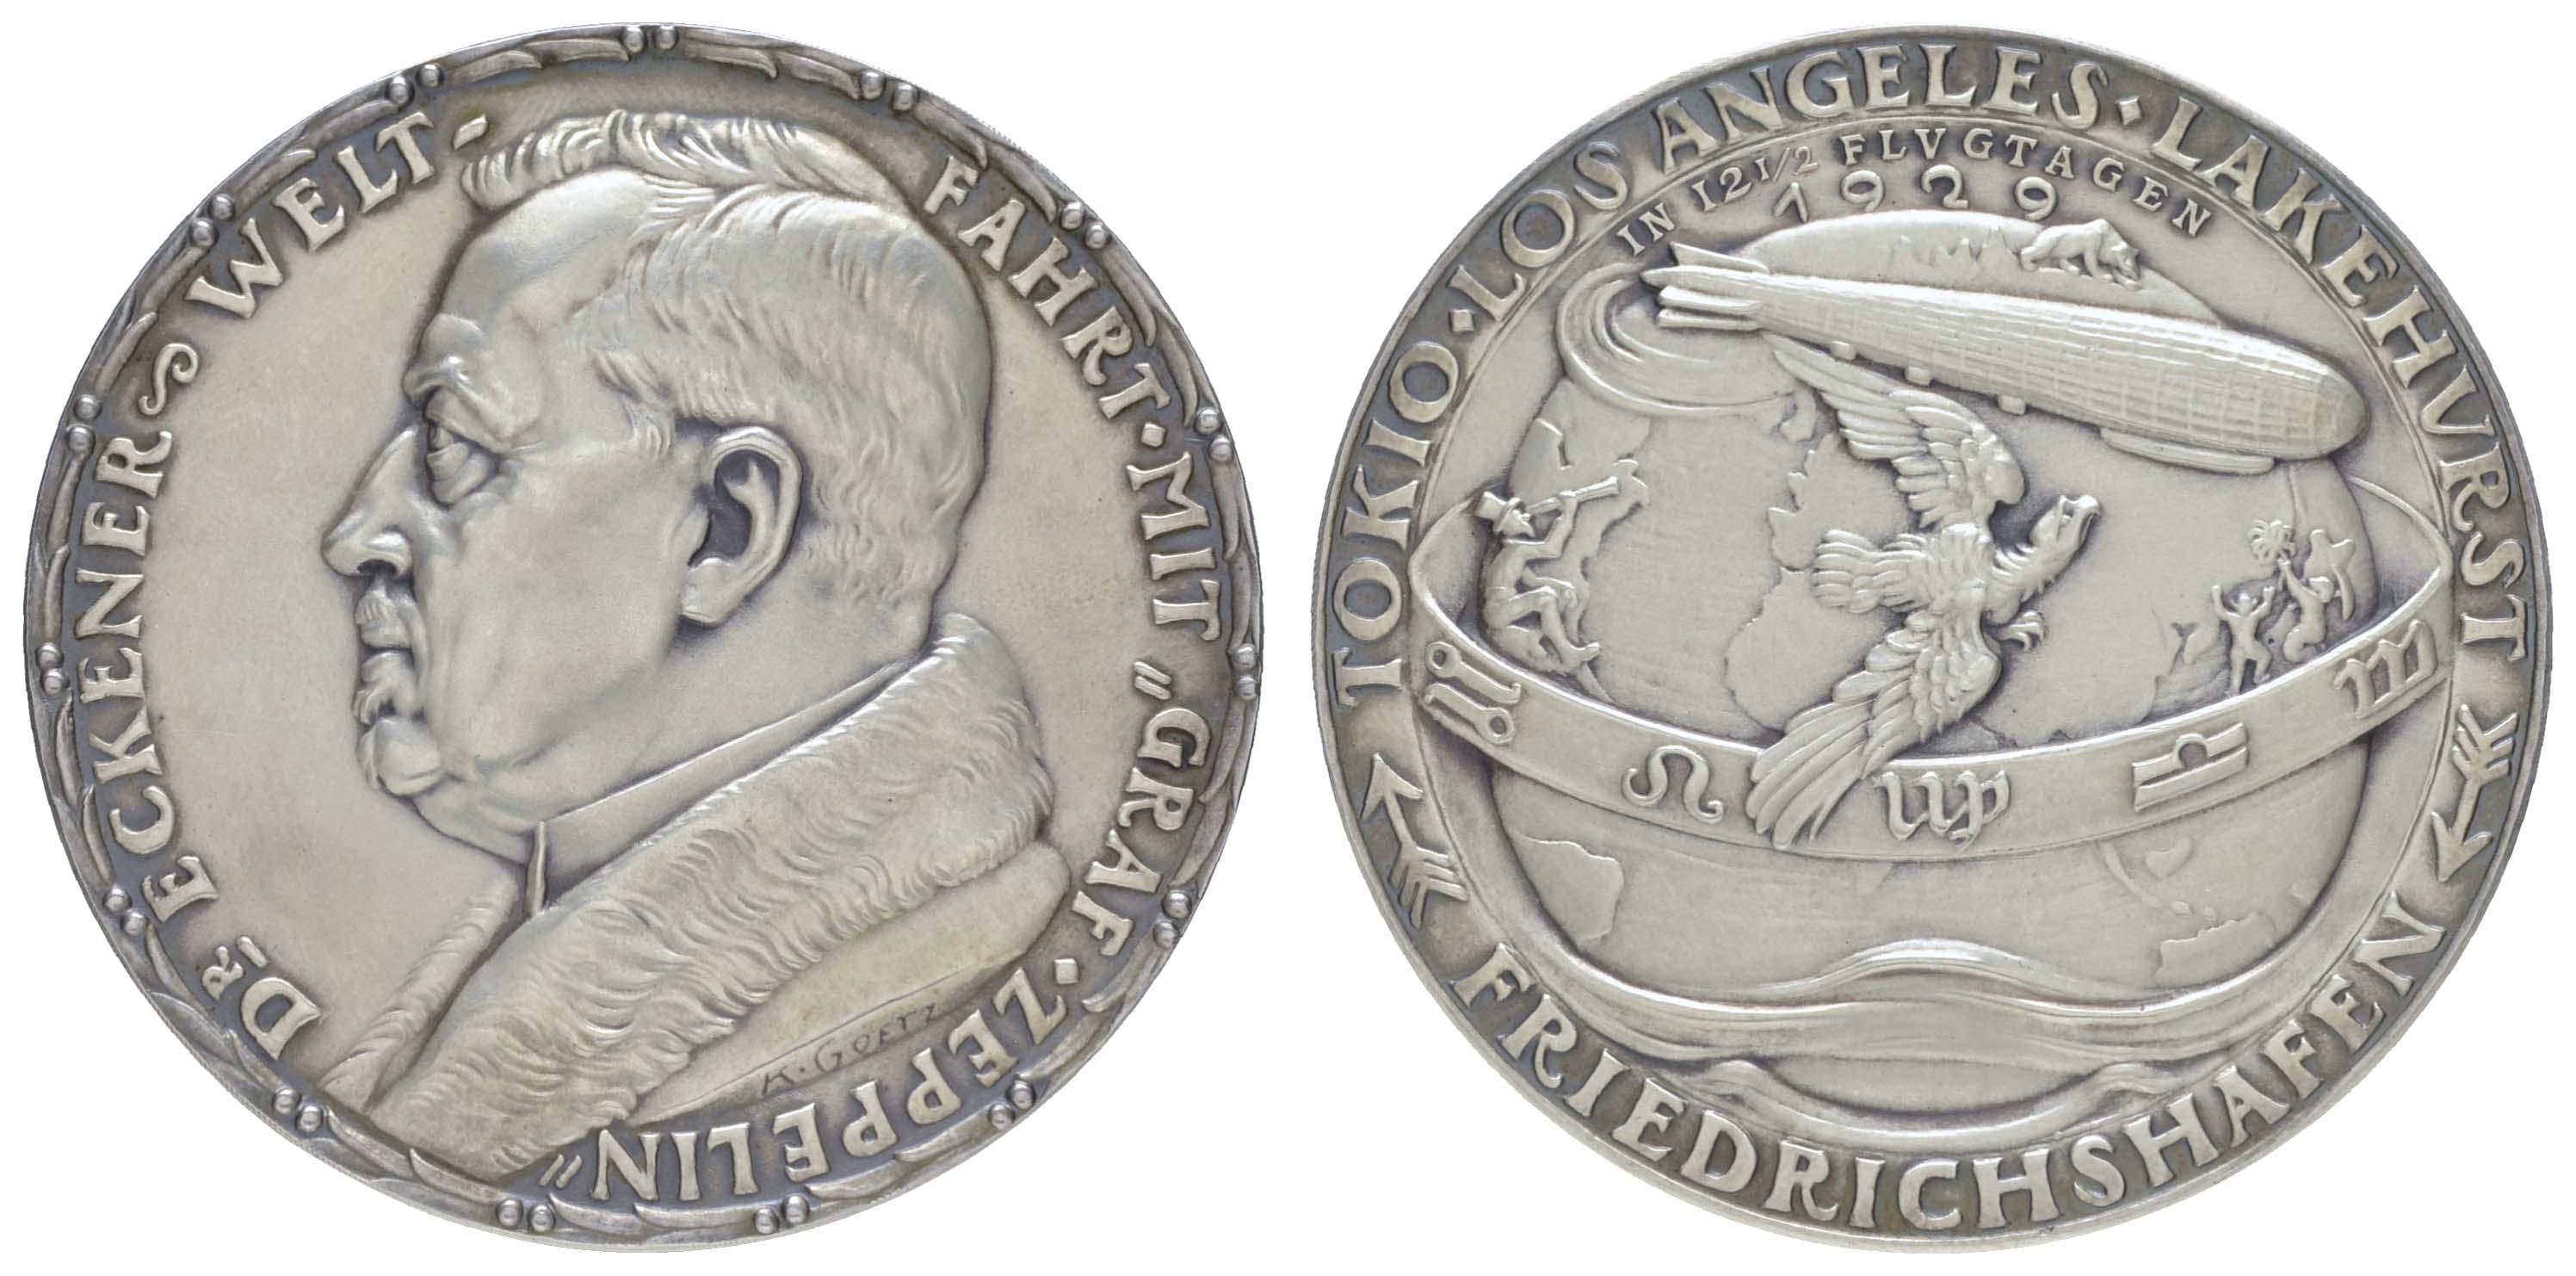 Lot 2305 - medaillen Sonstige Medaillen - Medailleure -  Auktionshaus Ulrich Felzmann GmbH & Co. KG Coins single lots